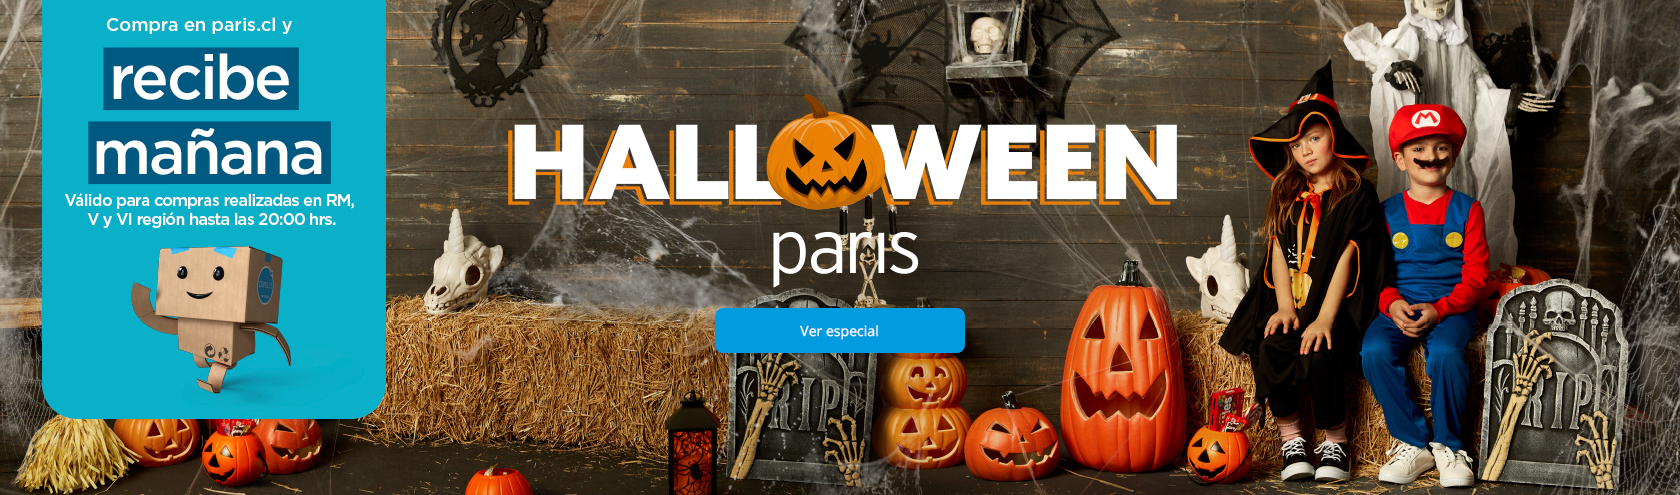 Halloween en Paris